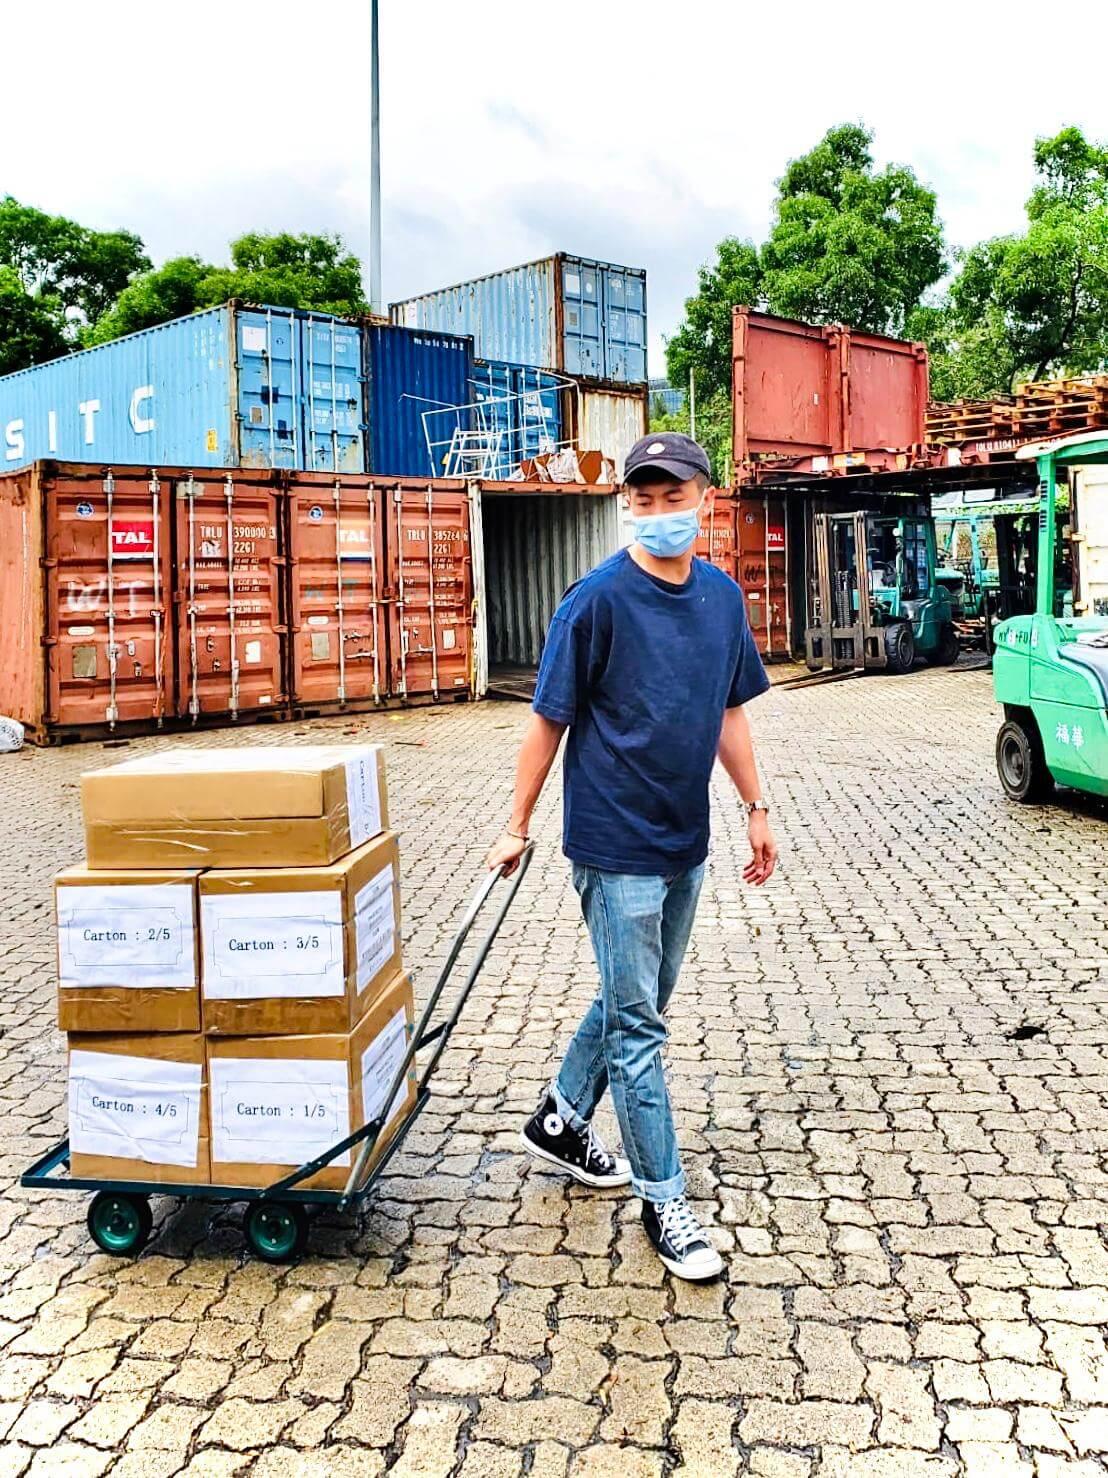 本周三,馬貫東親自把貨運到碼頭再送往澳門。